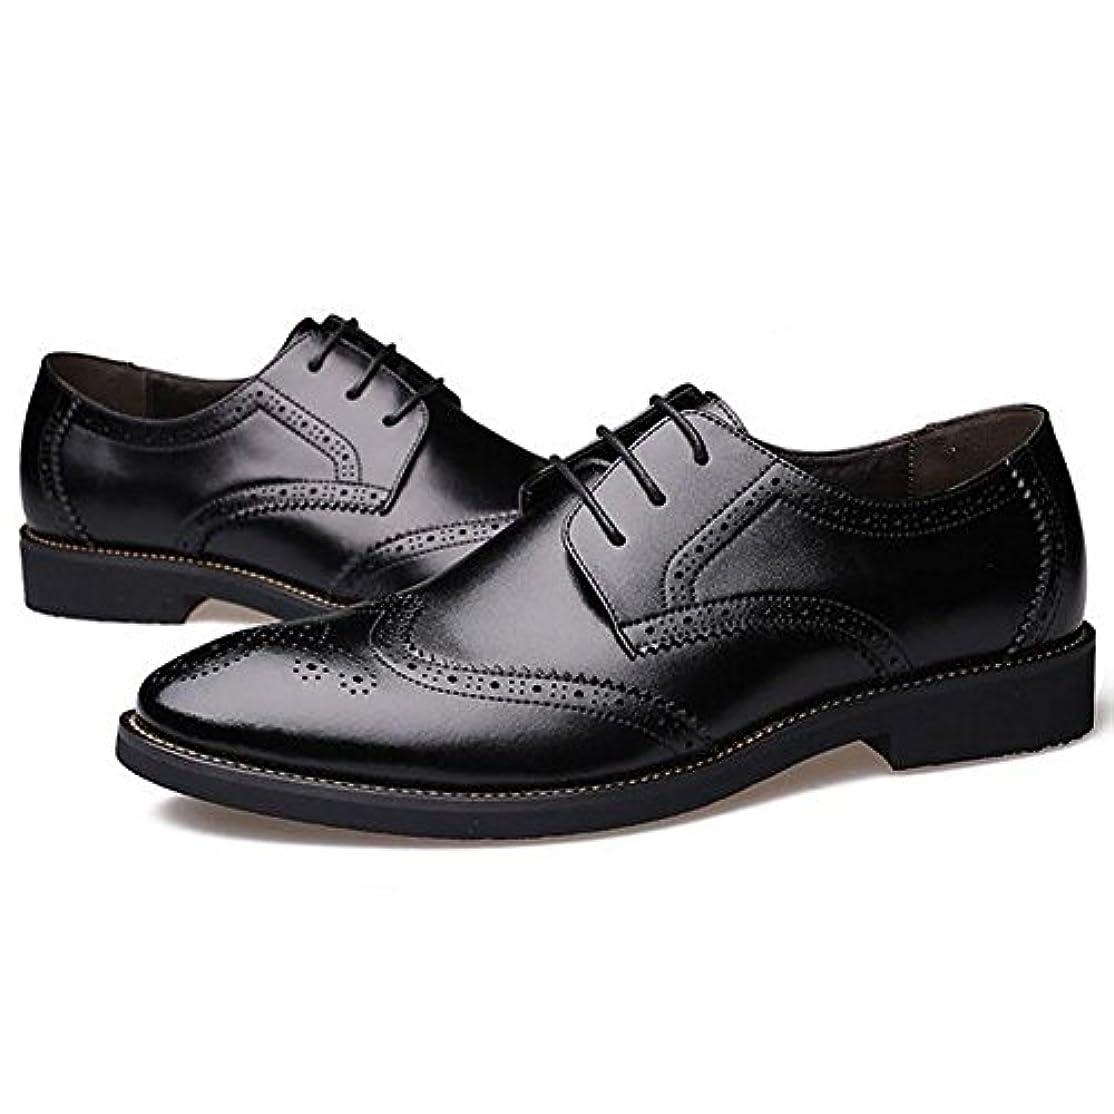 優越儀式上級CHENGFA ビジネスシューズ メンズ レザーシューズ 紳士靴 革靴 本革 ウイングチップ 外羽根 通気性